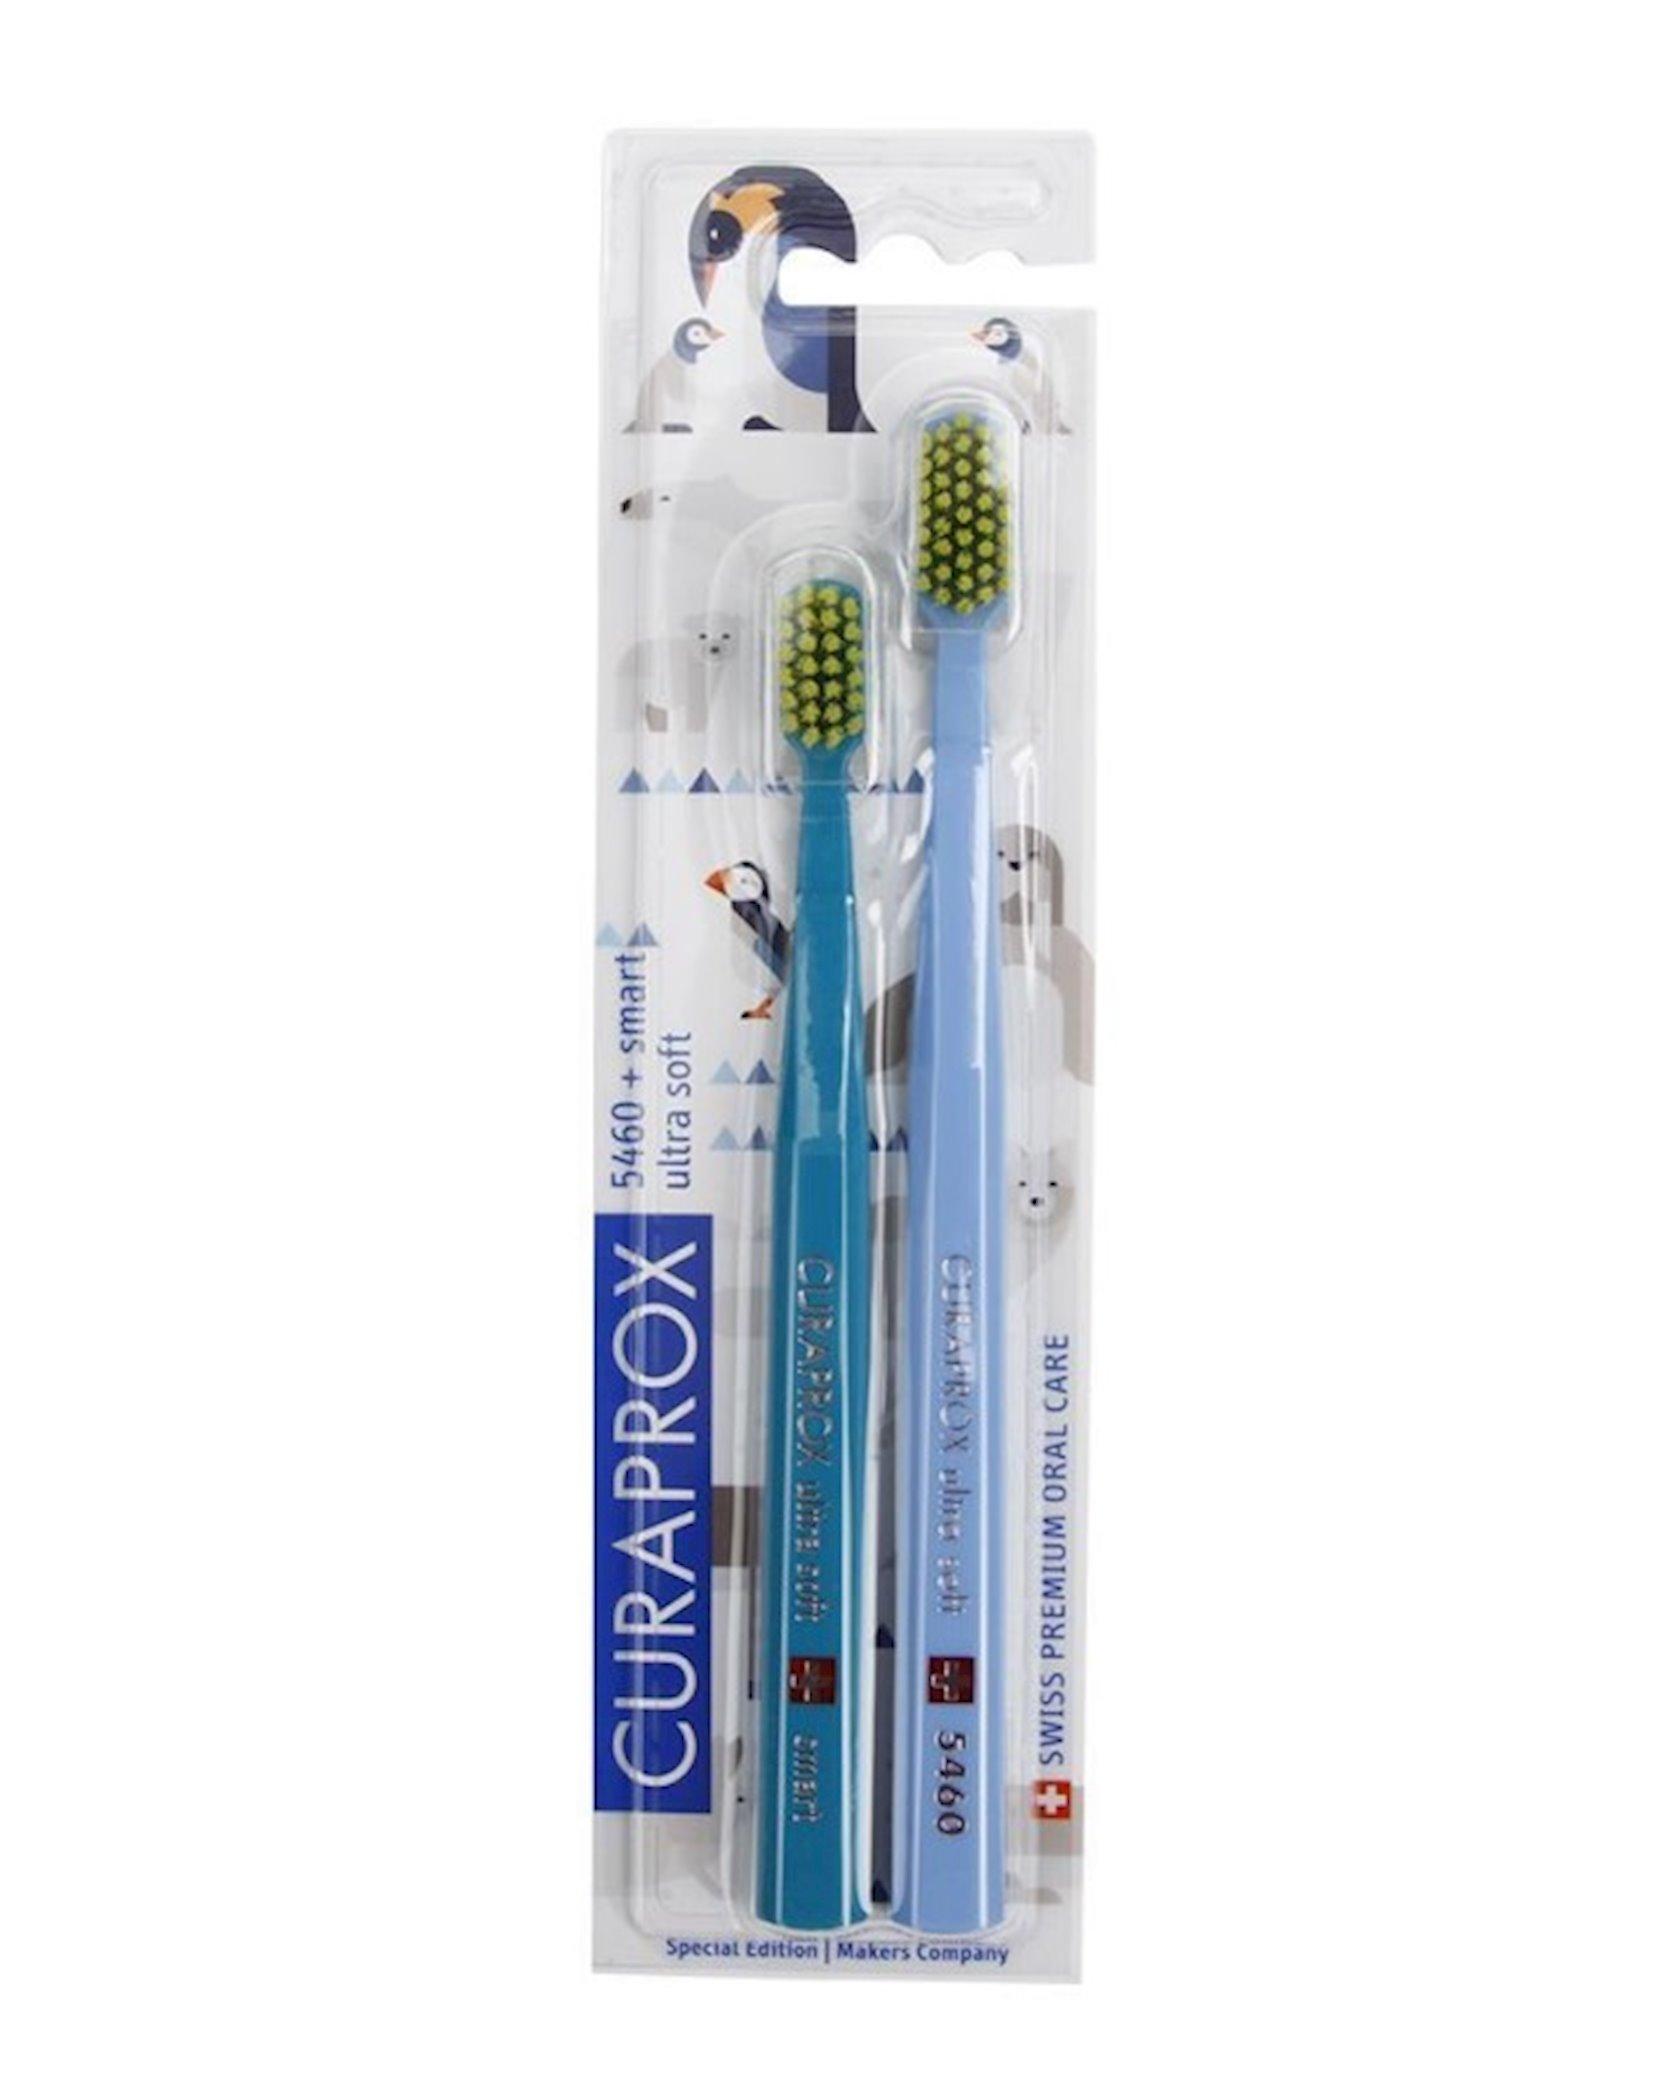 Diş fırçaları dəsti Curaprox Ultrasoft Animal Family Edition Duo, müxtəlif rənglər